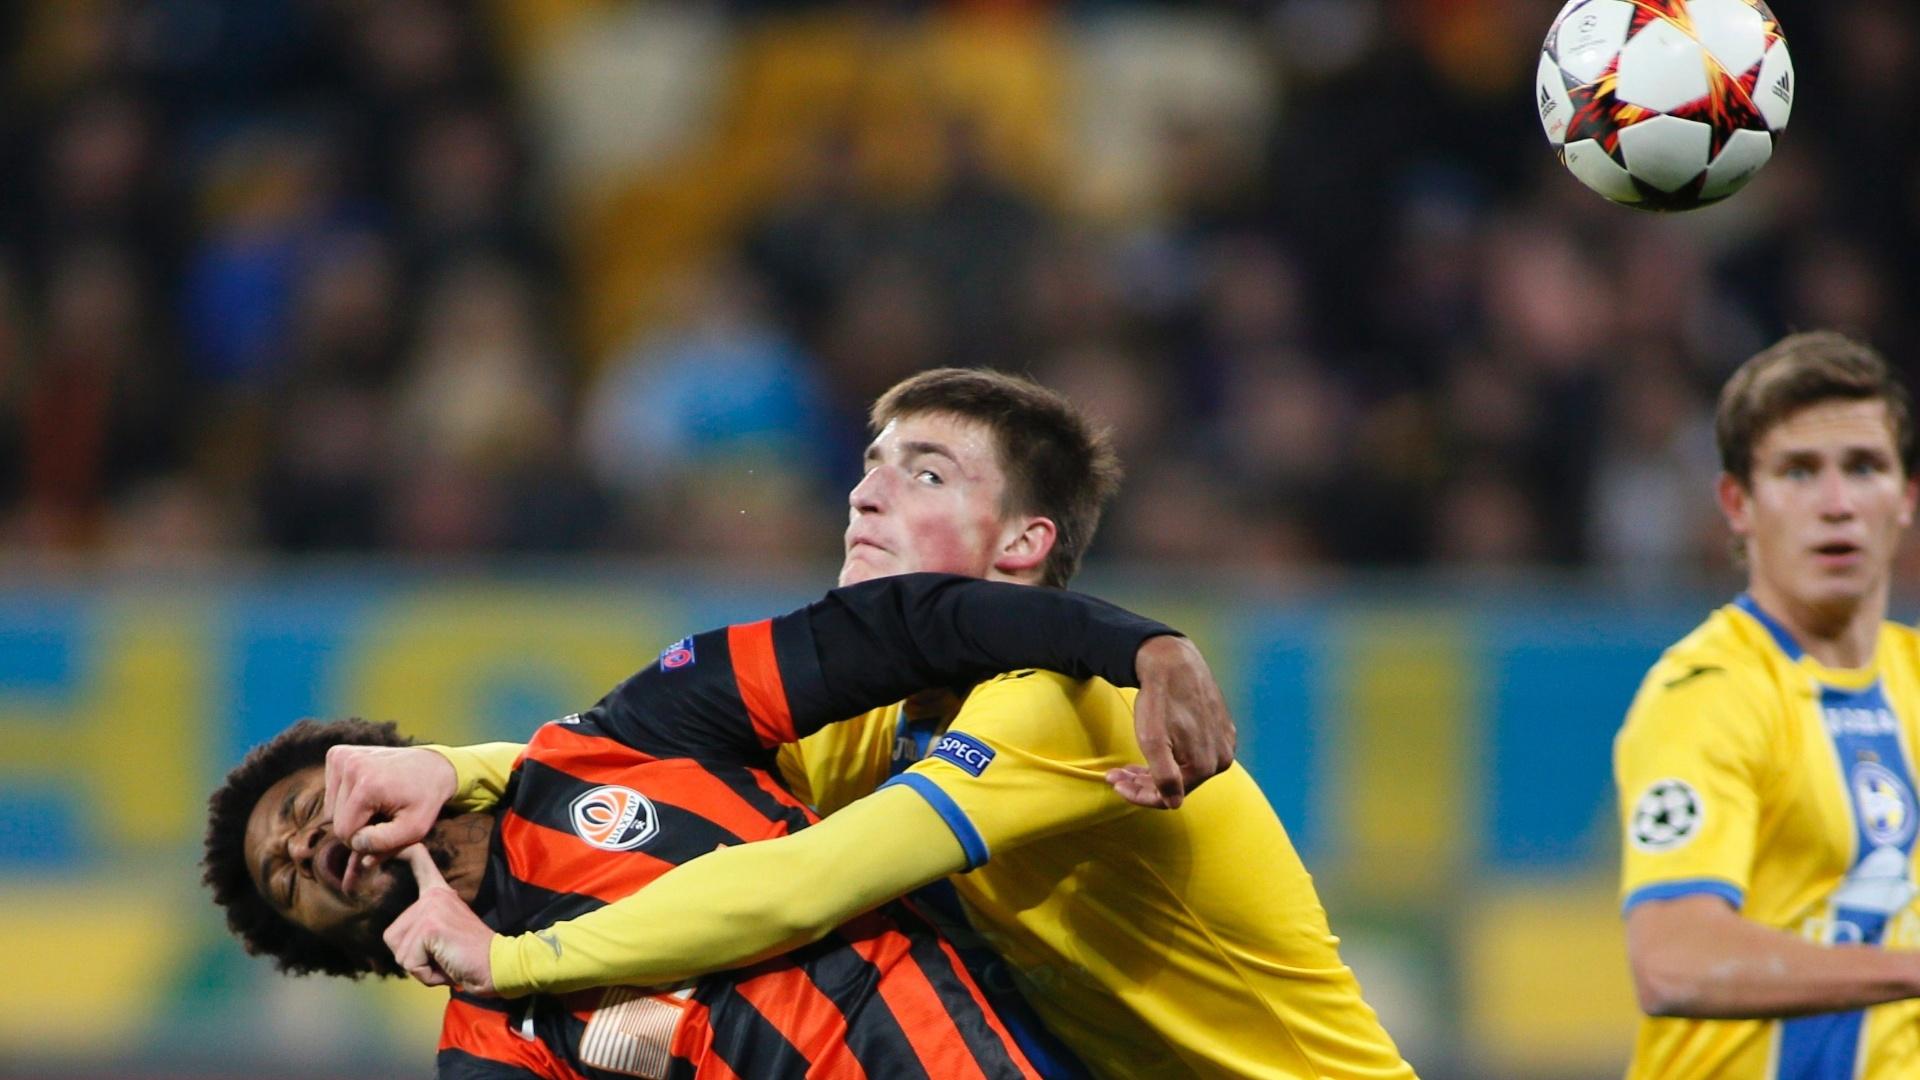 Luiz Adriano leva um soco de Evgeni Yablonski durante o jogo do Shakhtar Donetsk contra o Bate Borisov